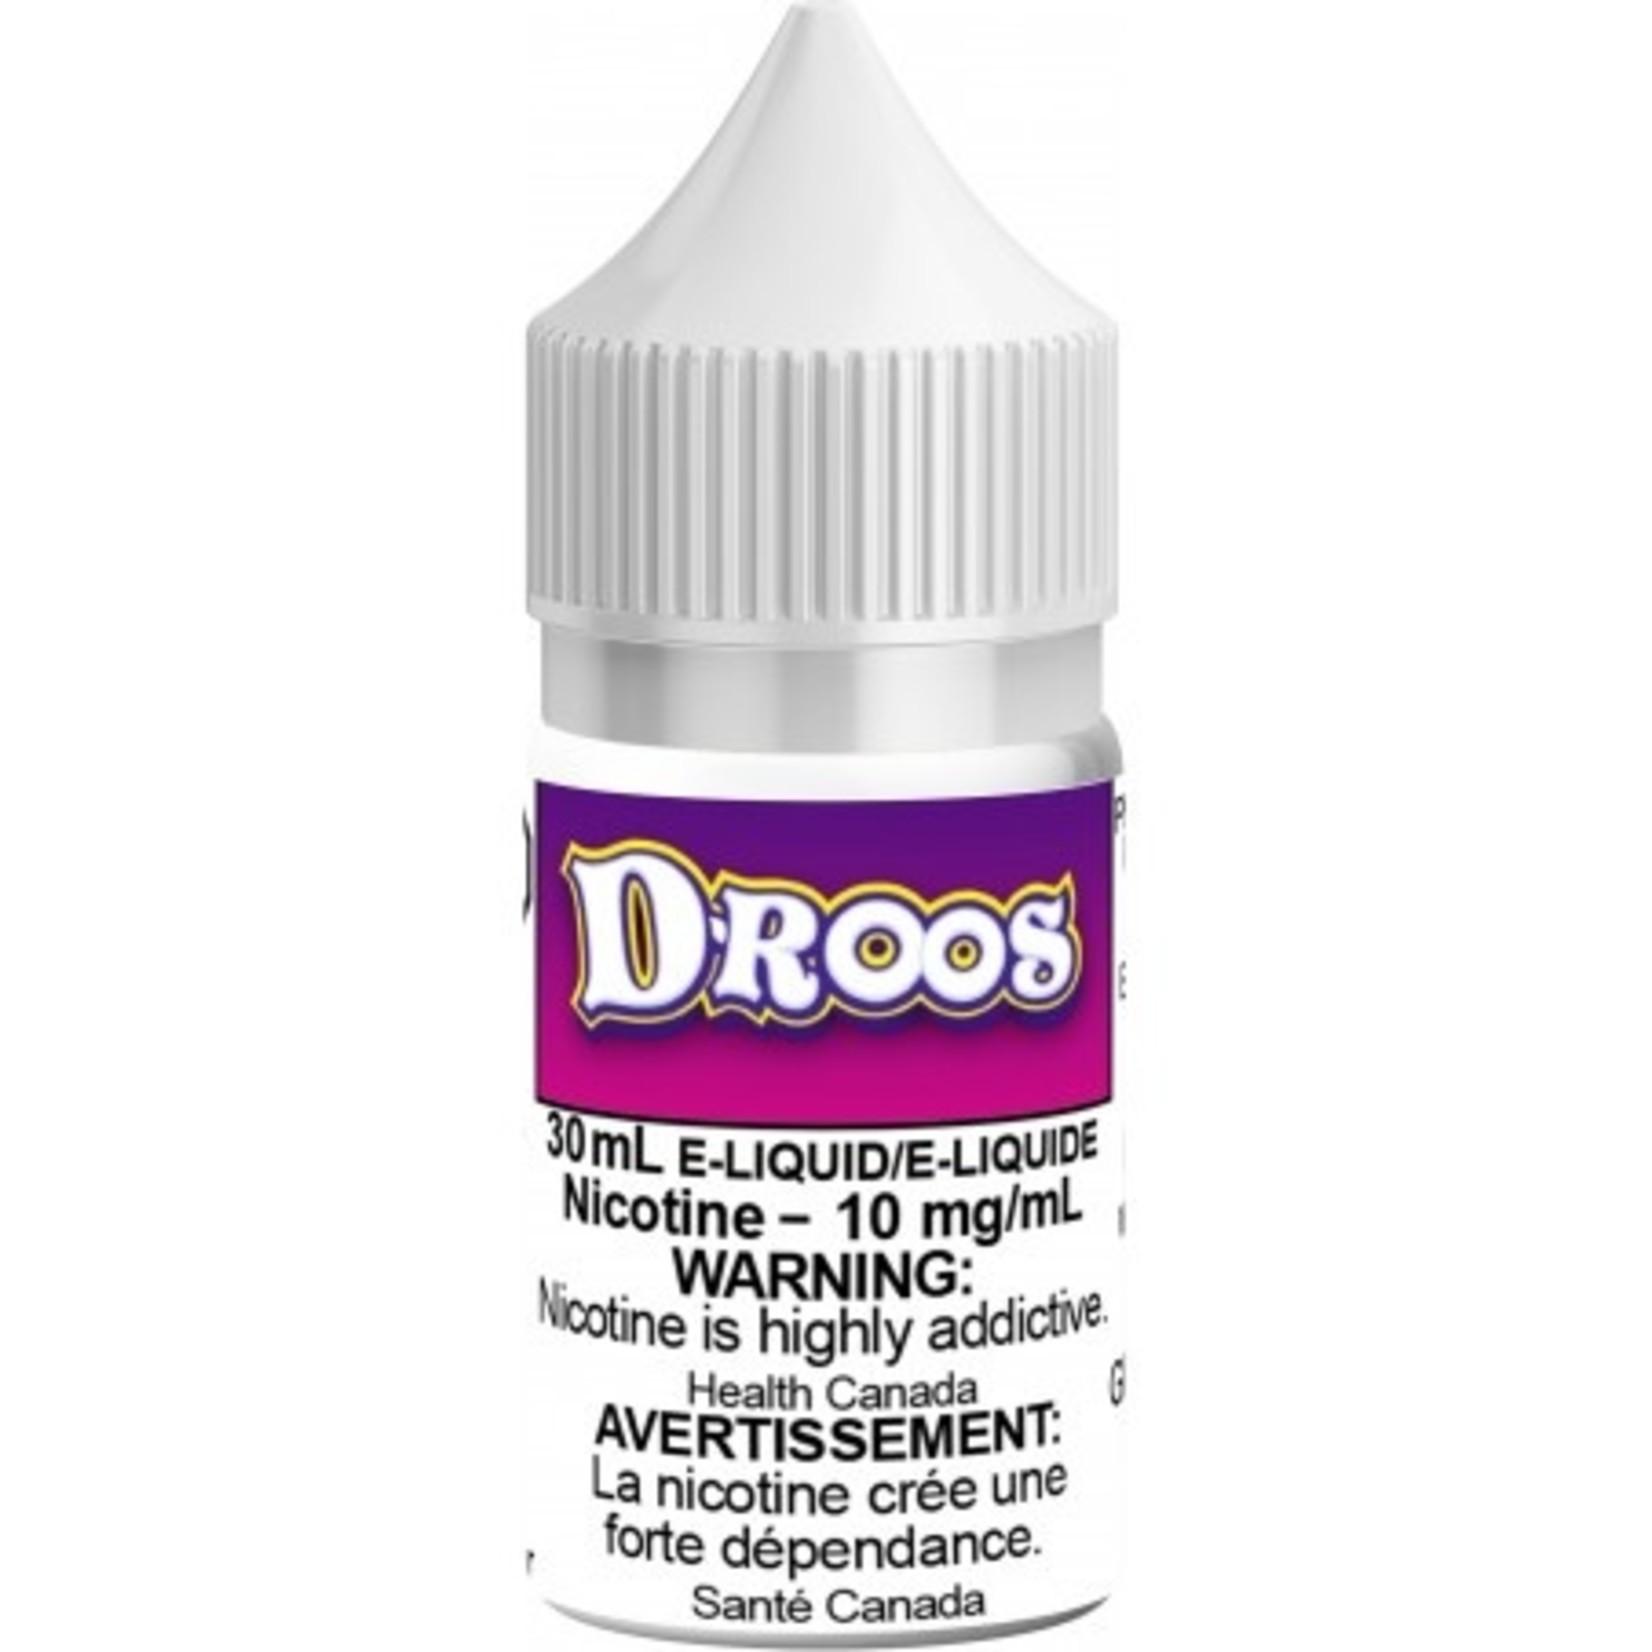 Droos Salt